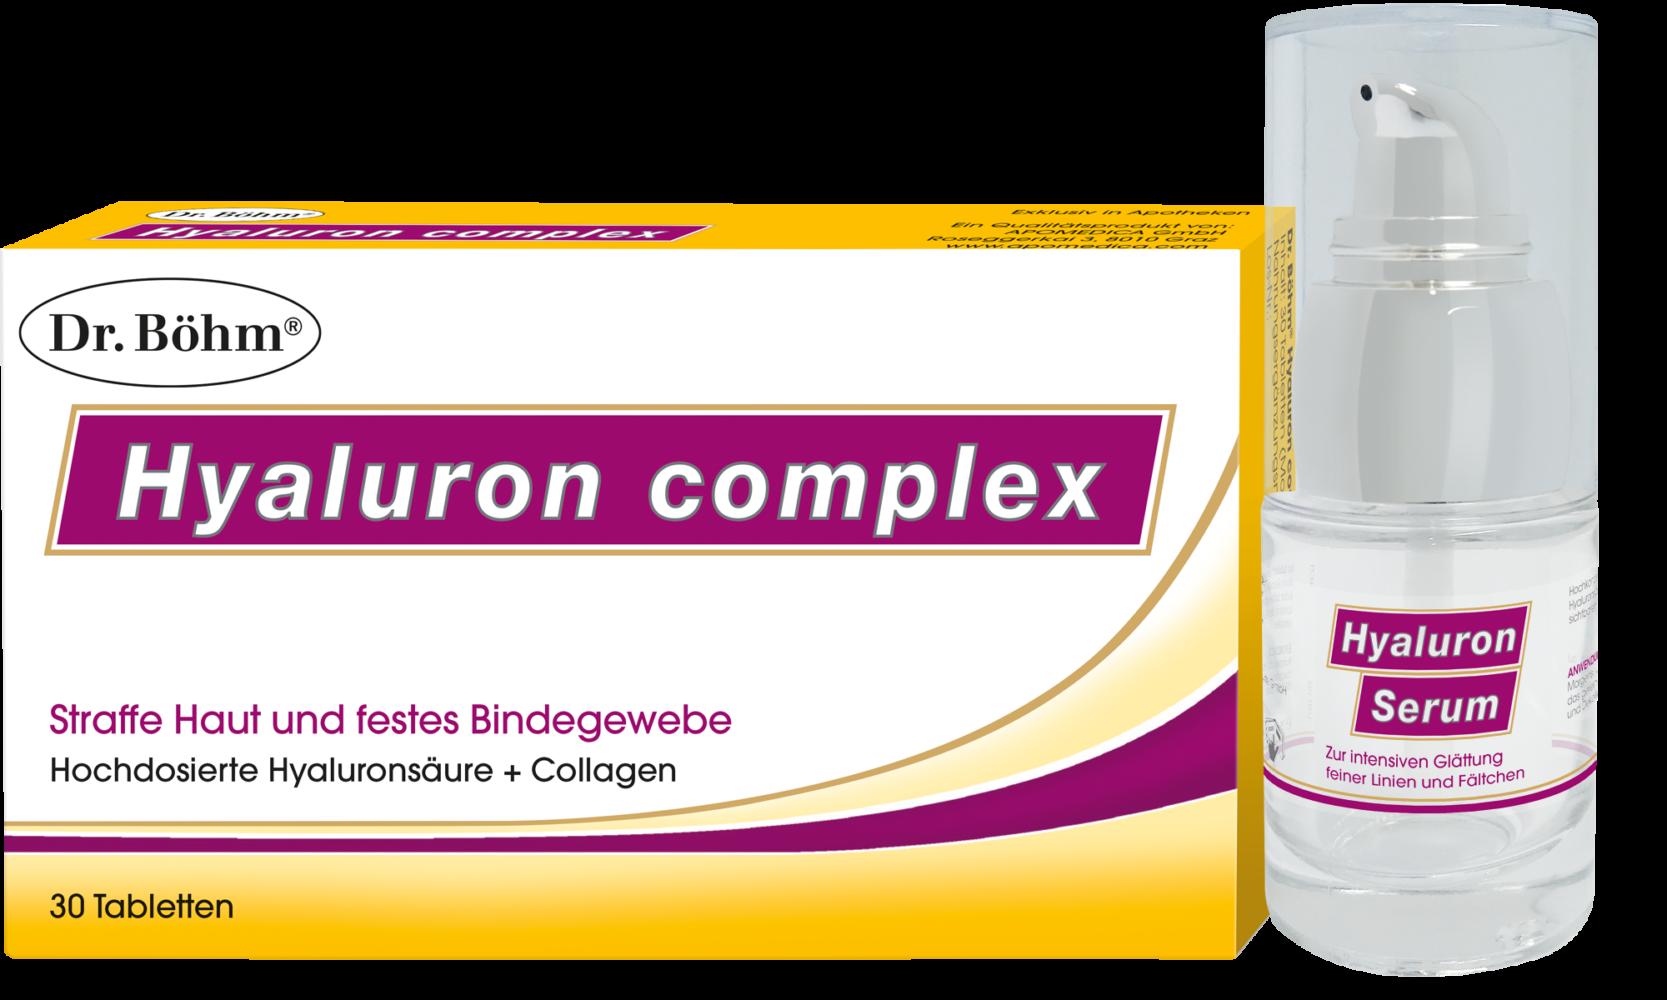 Dr. Böhm® Hyaluron complex Tabletten + Hyaluron Serum, Anti Aging von innen und außen für straffe Haut und festes Bindegewebe